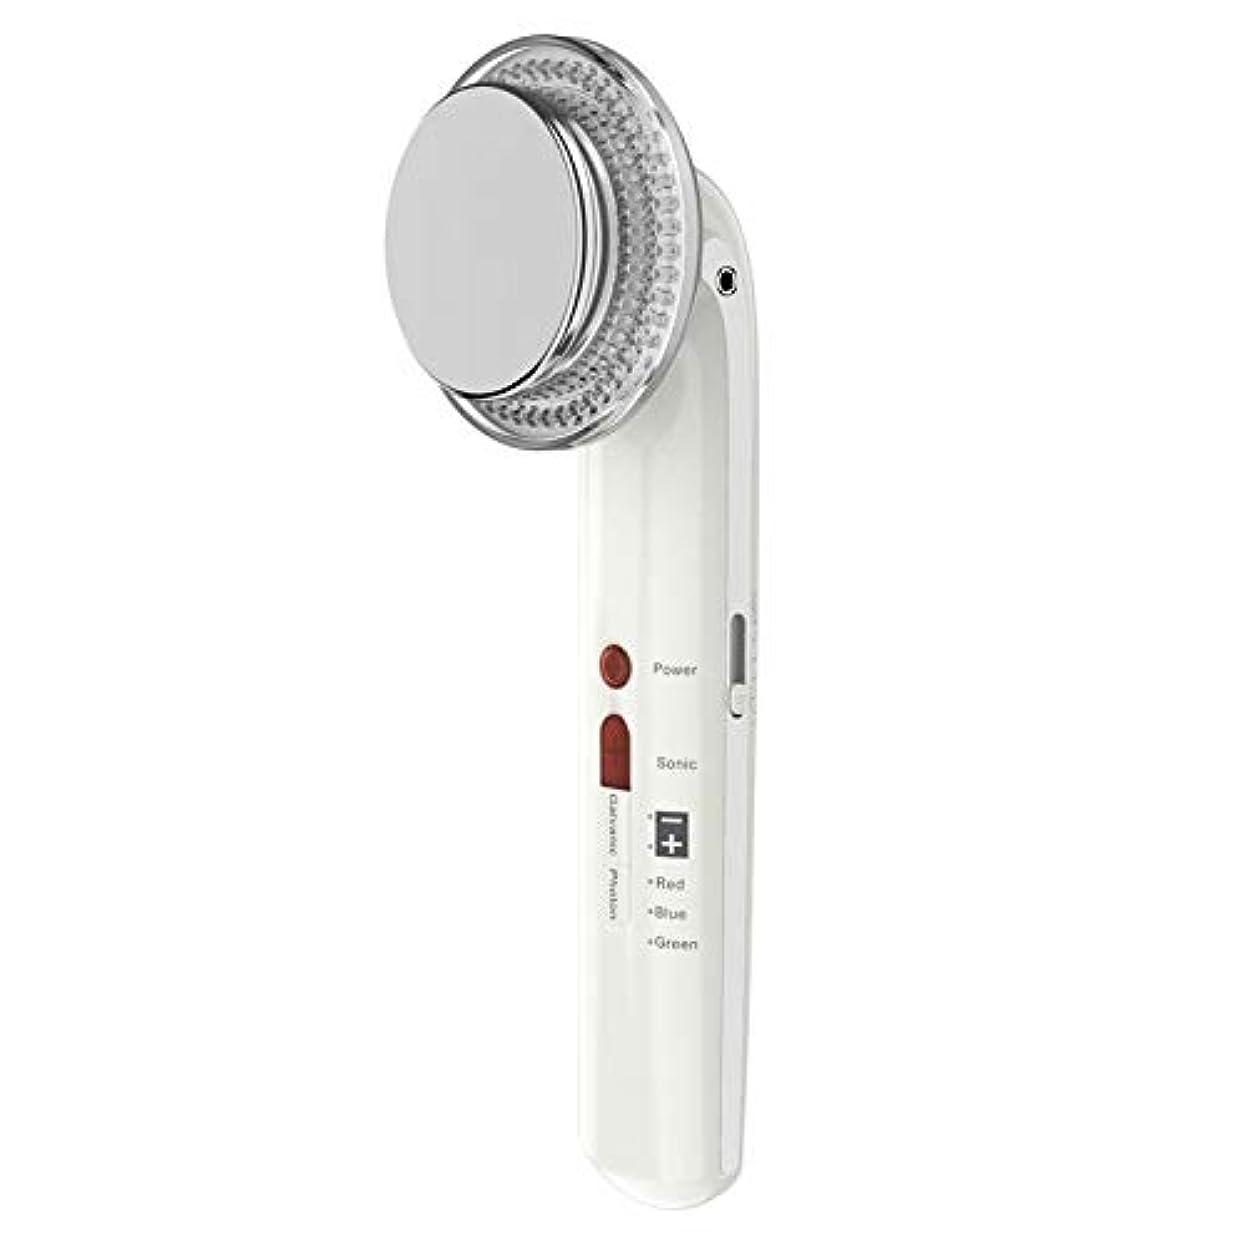 コメンテーター世界に死んだ伝統的7で1振動美容機器ems超音波ボディフェイシャル痩身ツールled光子療法フェイスマッサージャー用ボディシェーピングフェイシャルスキンケア (Color : White)